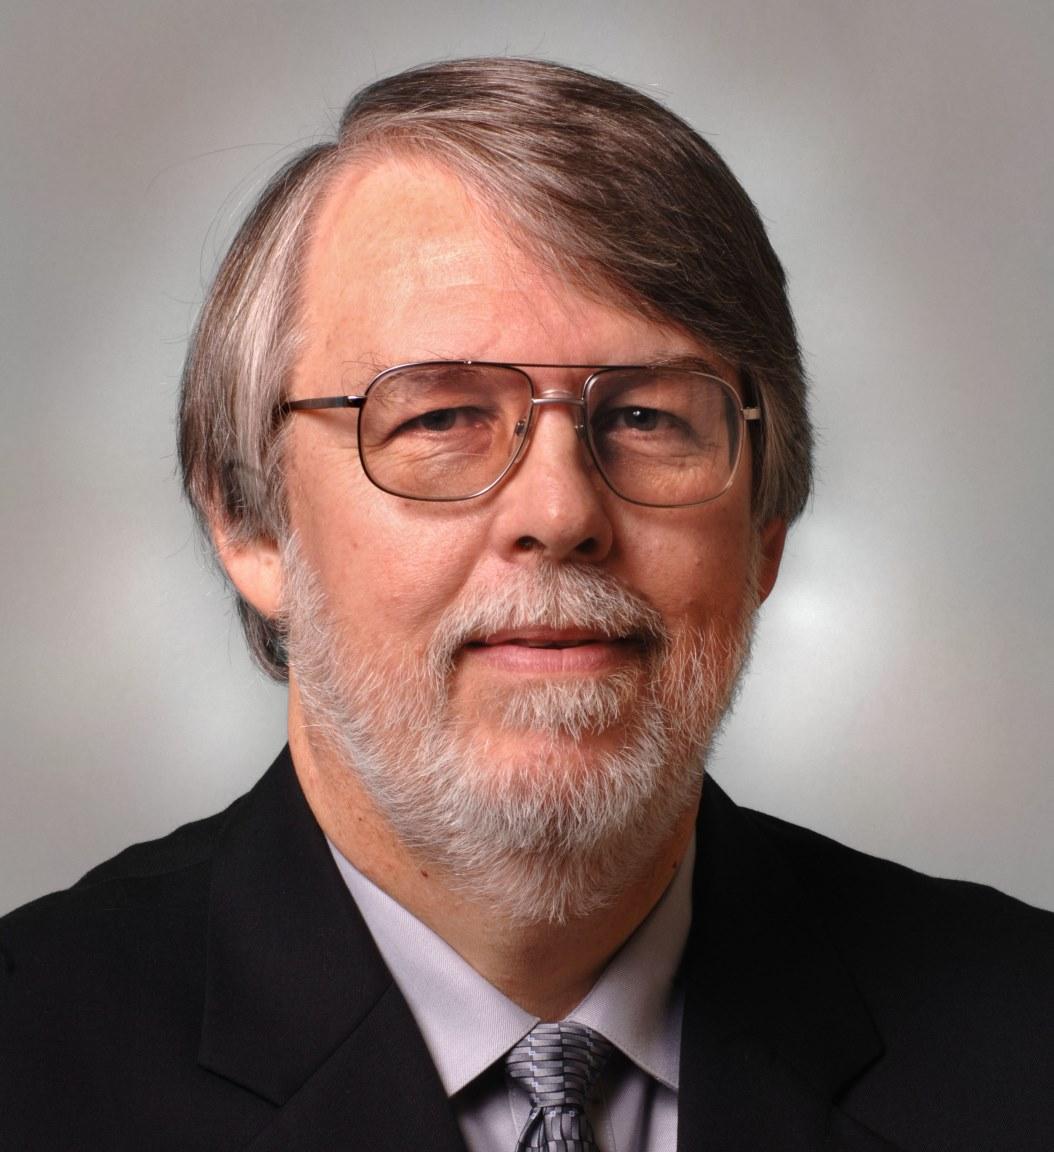 Larry D. Perkins